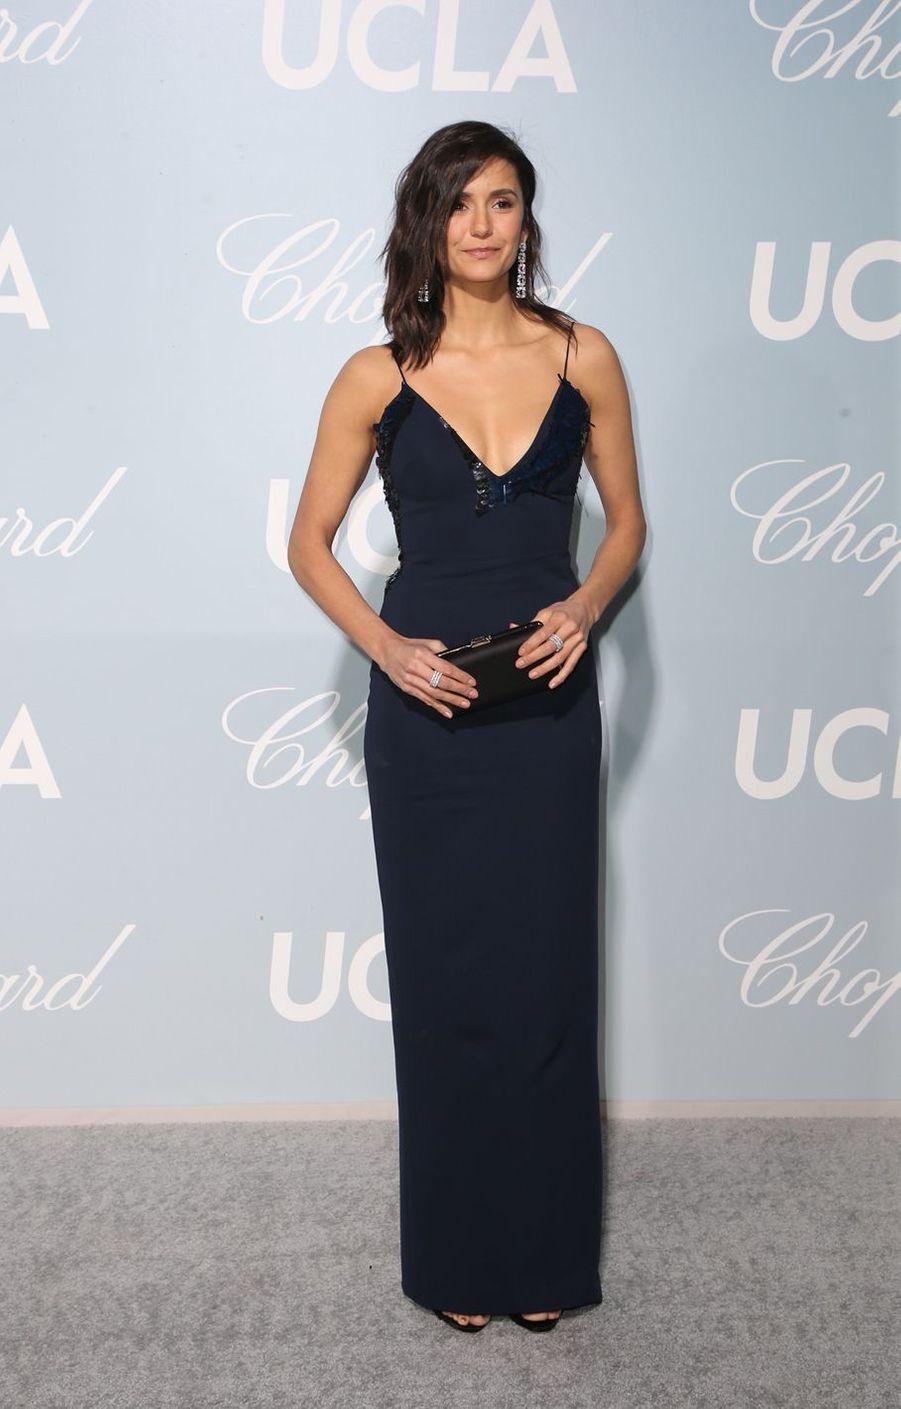 Nina Dobrevà la soirée UCLA à Los Angeles, le 21 février 2019